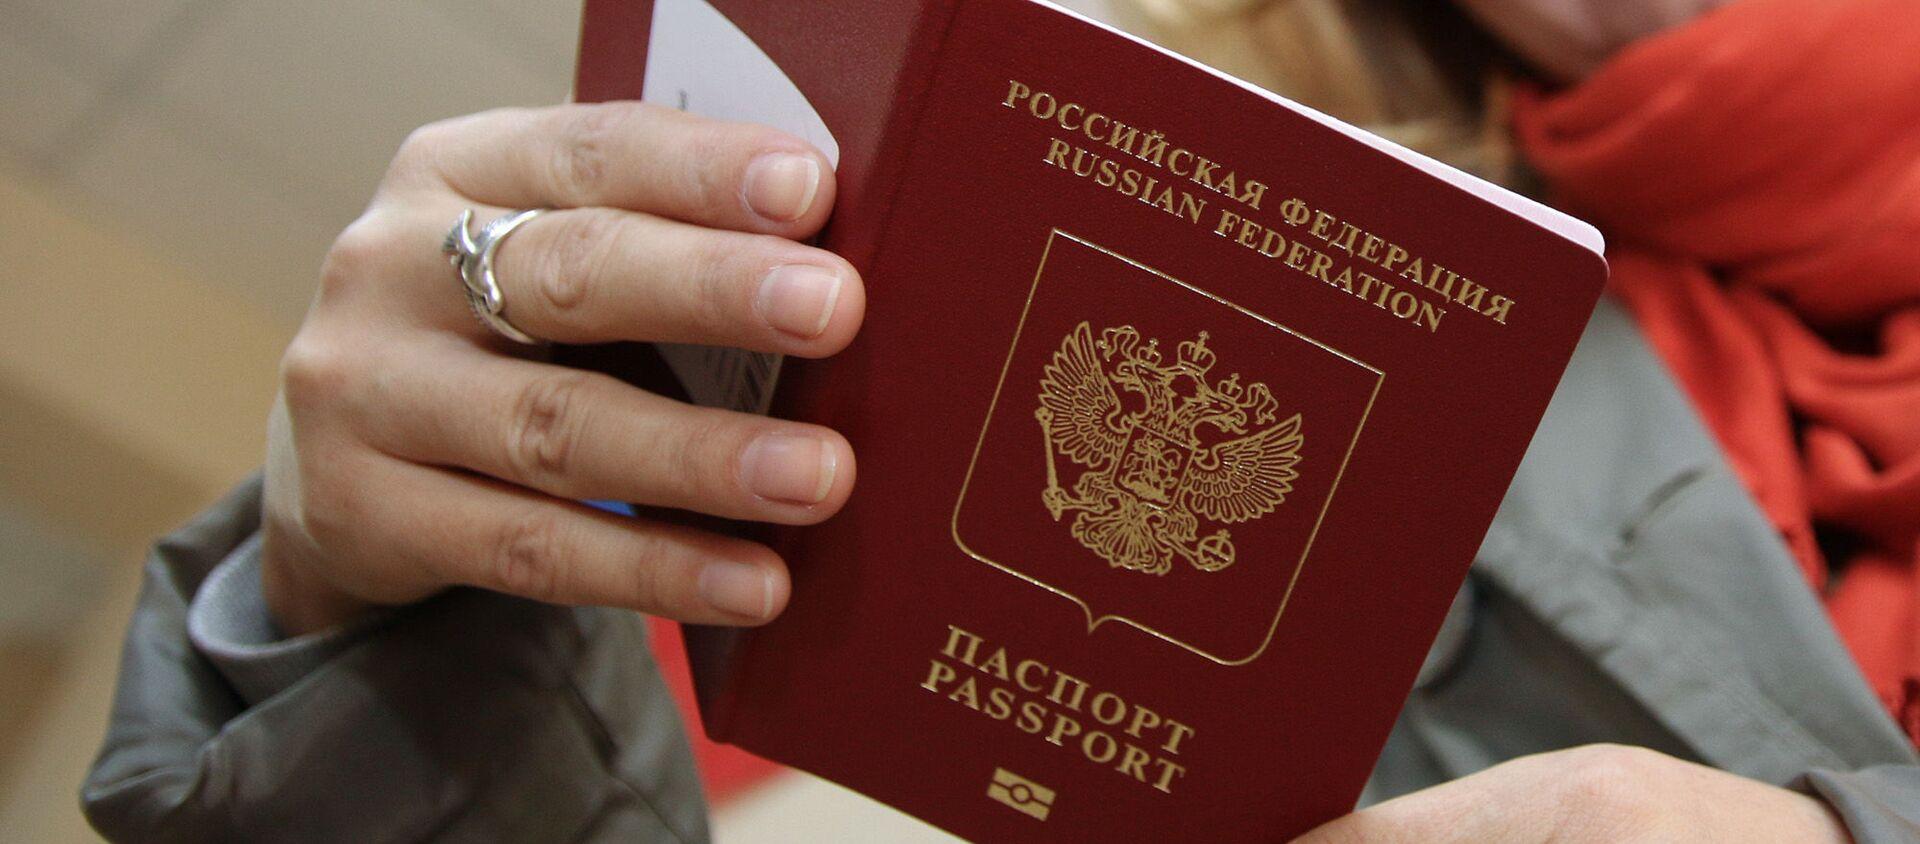 Паспорт РФ - Sputnik Абхазия, 1920, 18.03.2021